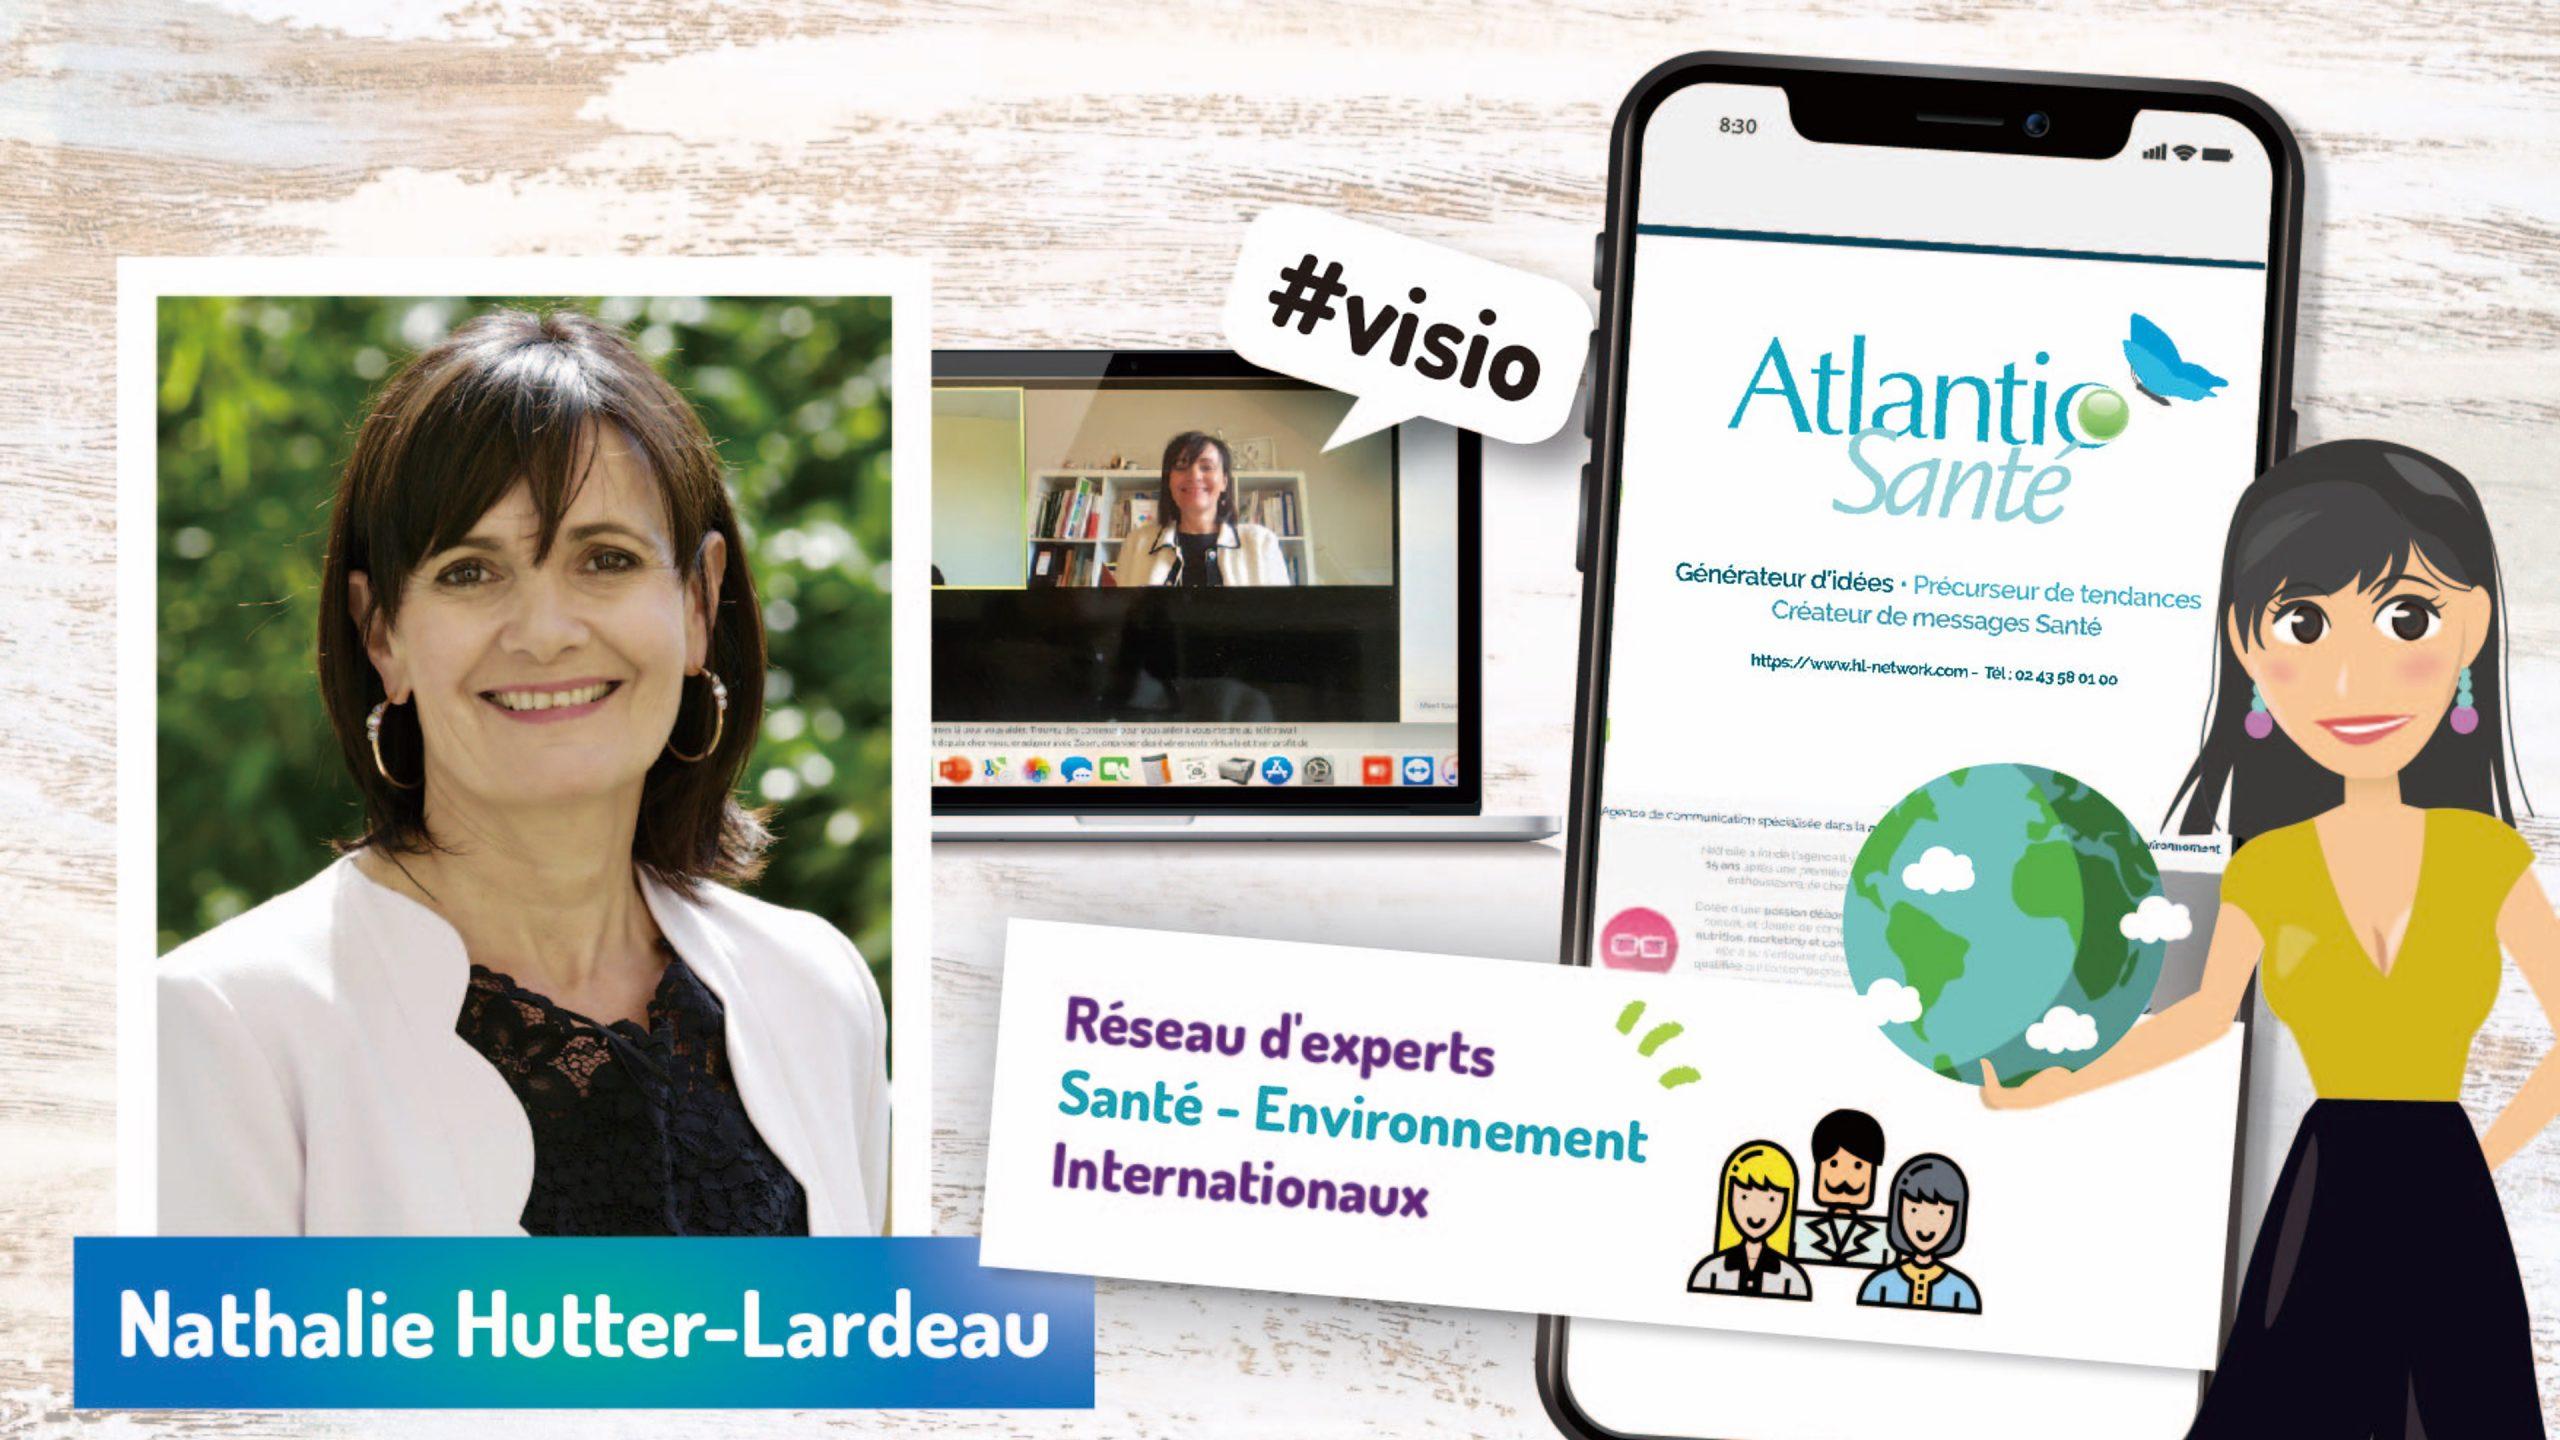 atlanticsante scaled - Interview de Nathalie Hutter-Lardeau, Fondatrice et Directrice de ATLANTIC SANTE